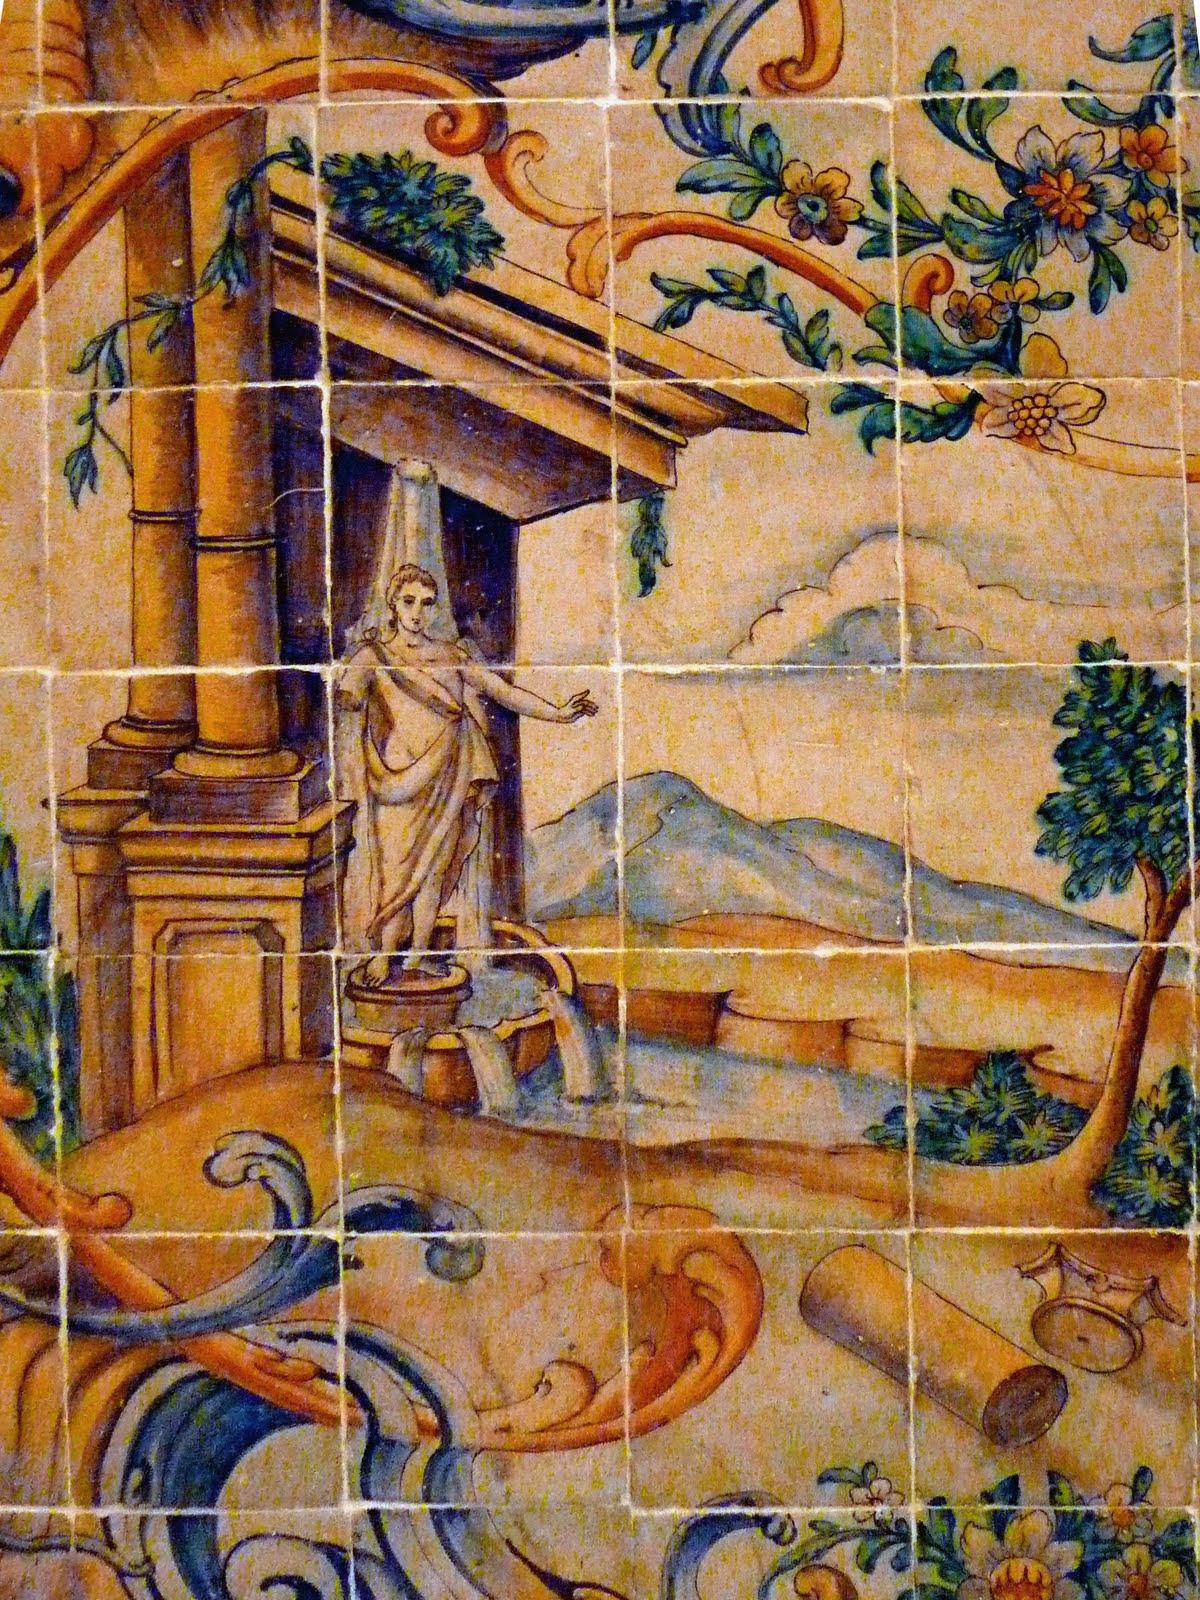 Valles 16 z calo de azulejos - Zocalos de azulejos ...